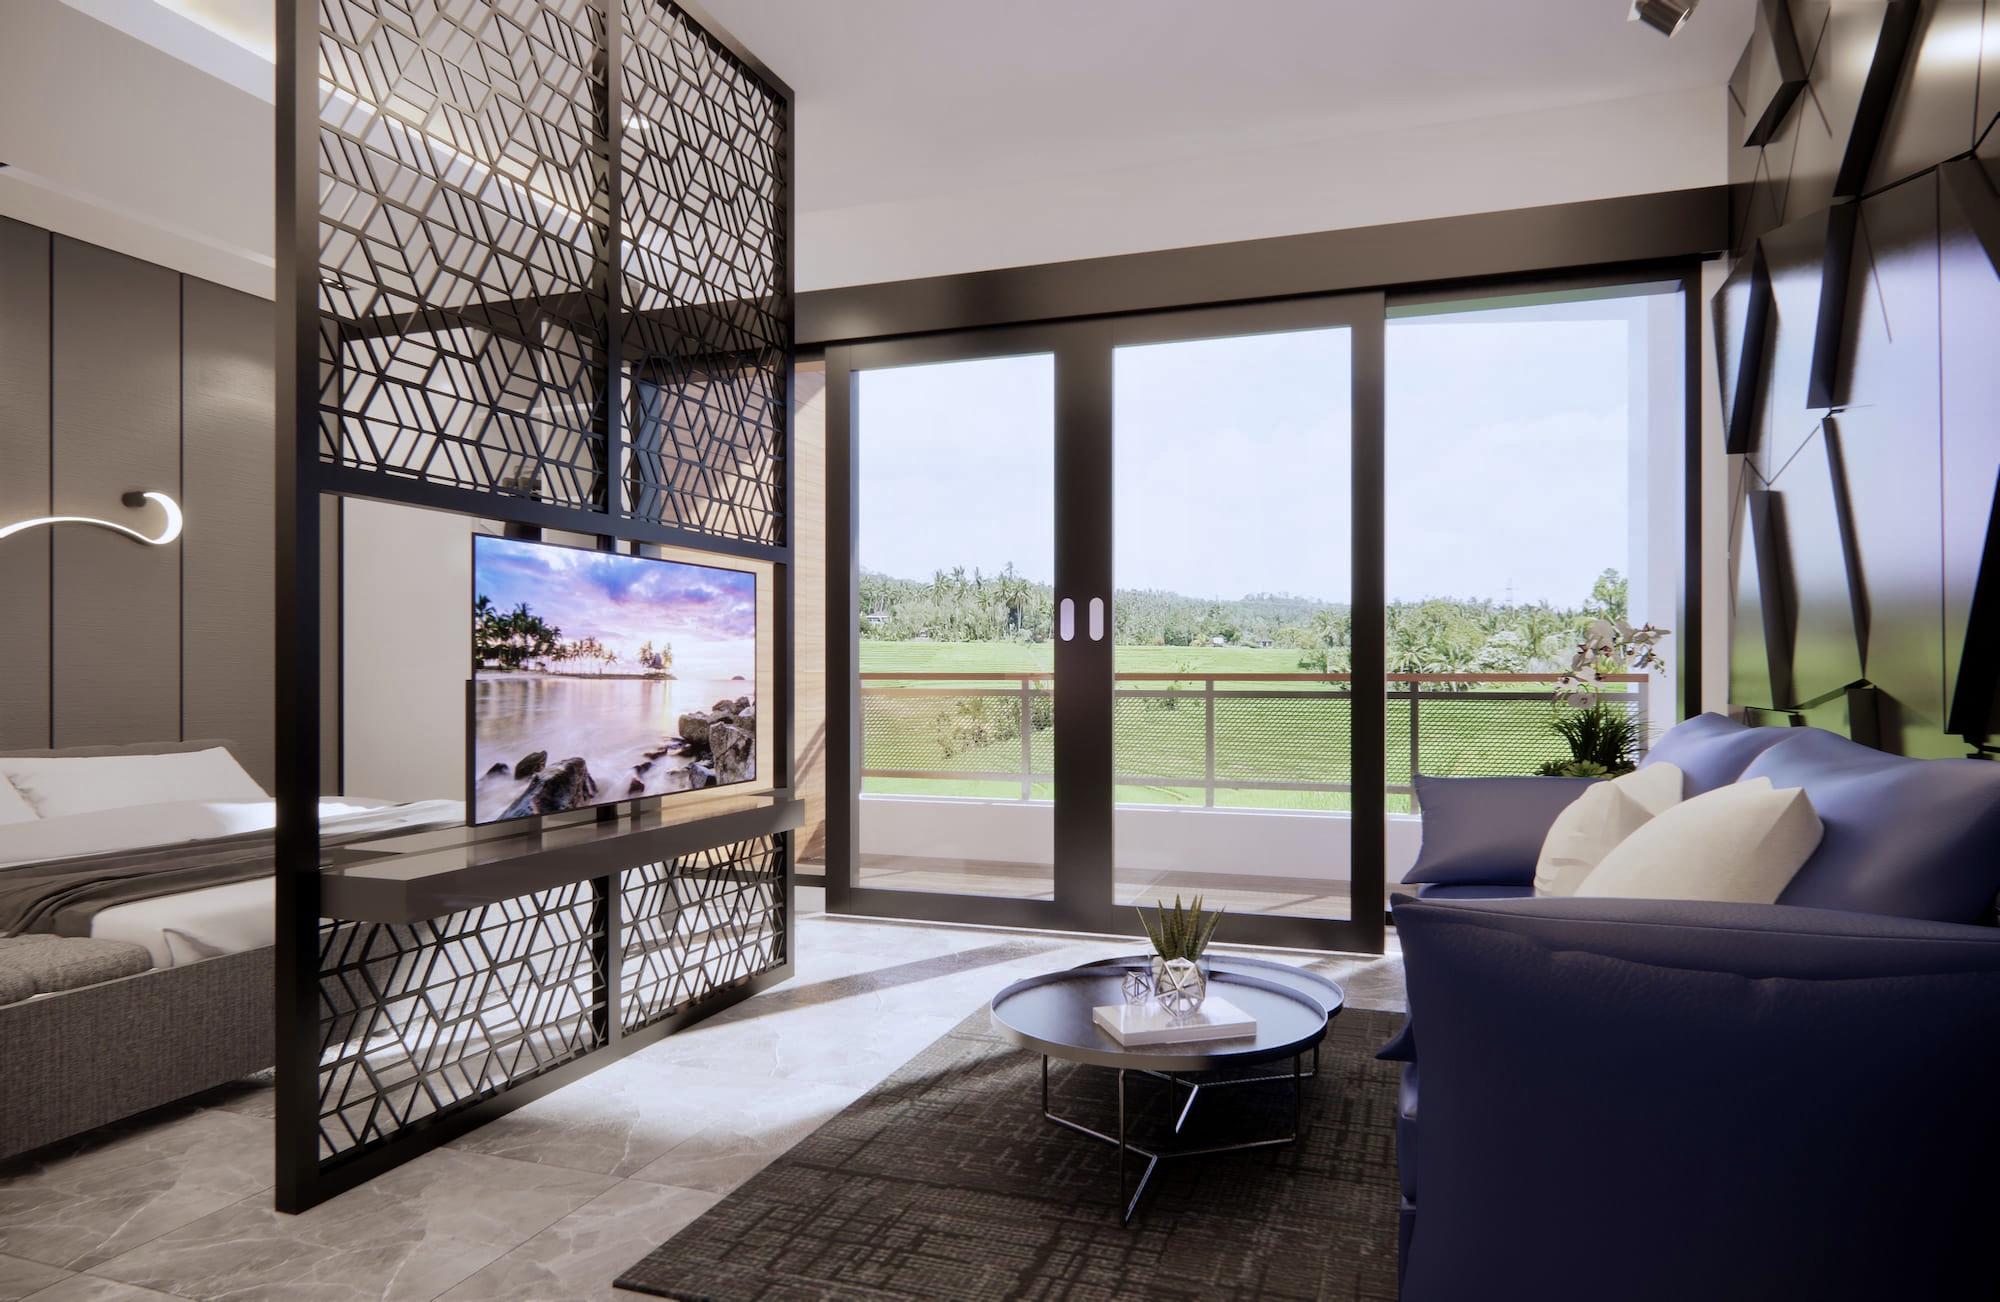 Фотогалерея Первый Smart комплекс апартаментов премиум класса на о. Бали